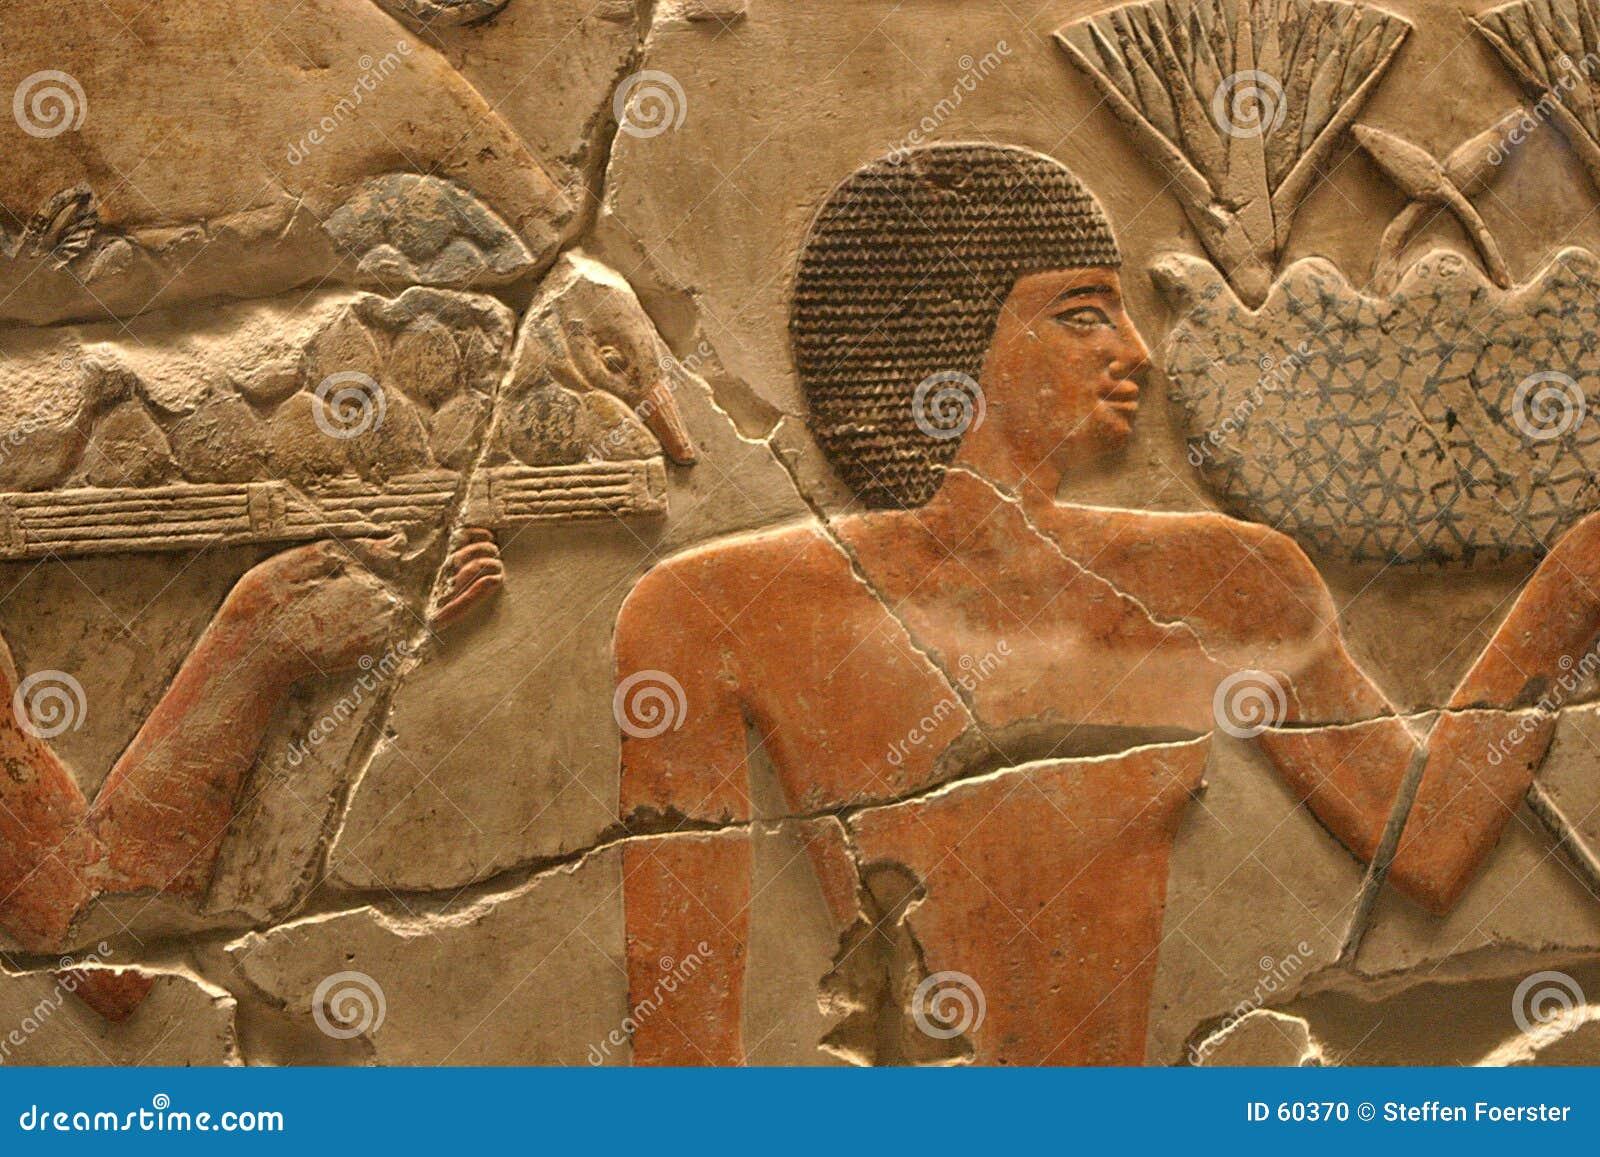 Ilustraciones egipcias del templo